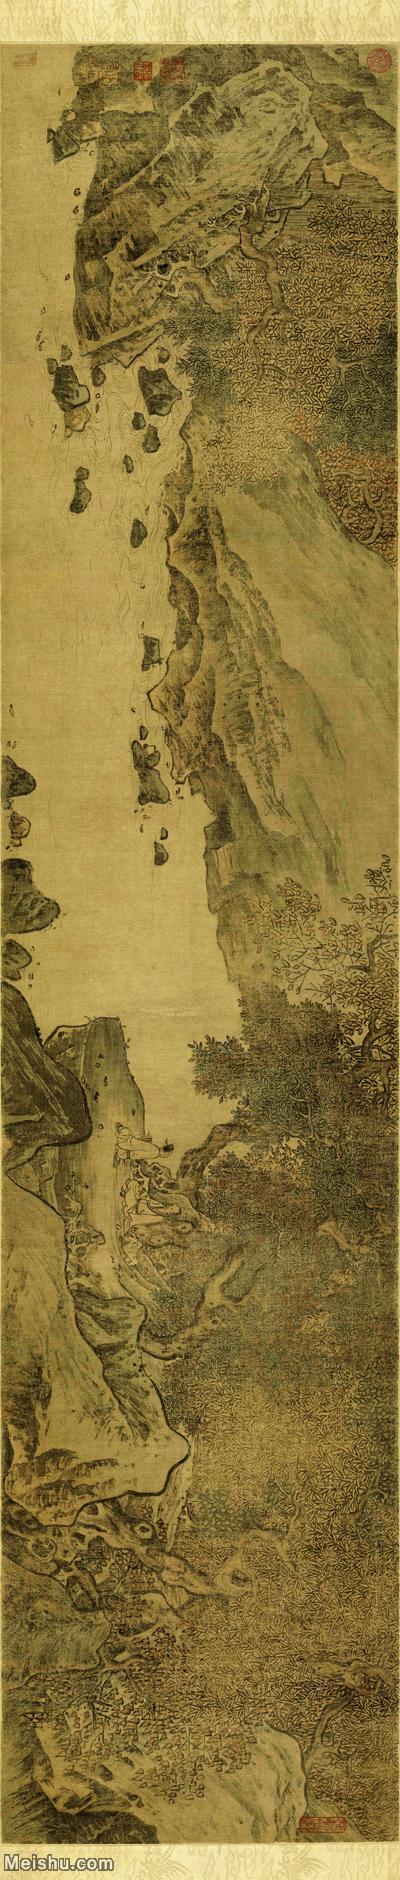 【打印级】GH7270609古画宋-佚名-秋林观泉图卷-绢本A版长卷图片--113M-11659X2906.jpg